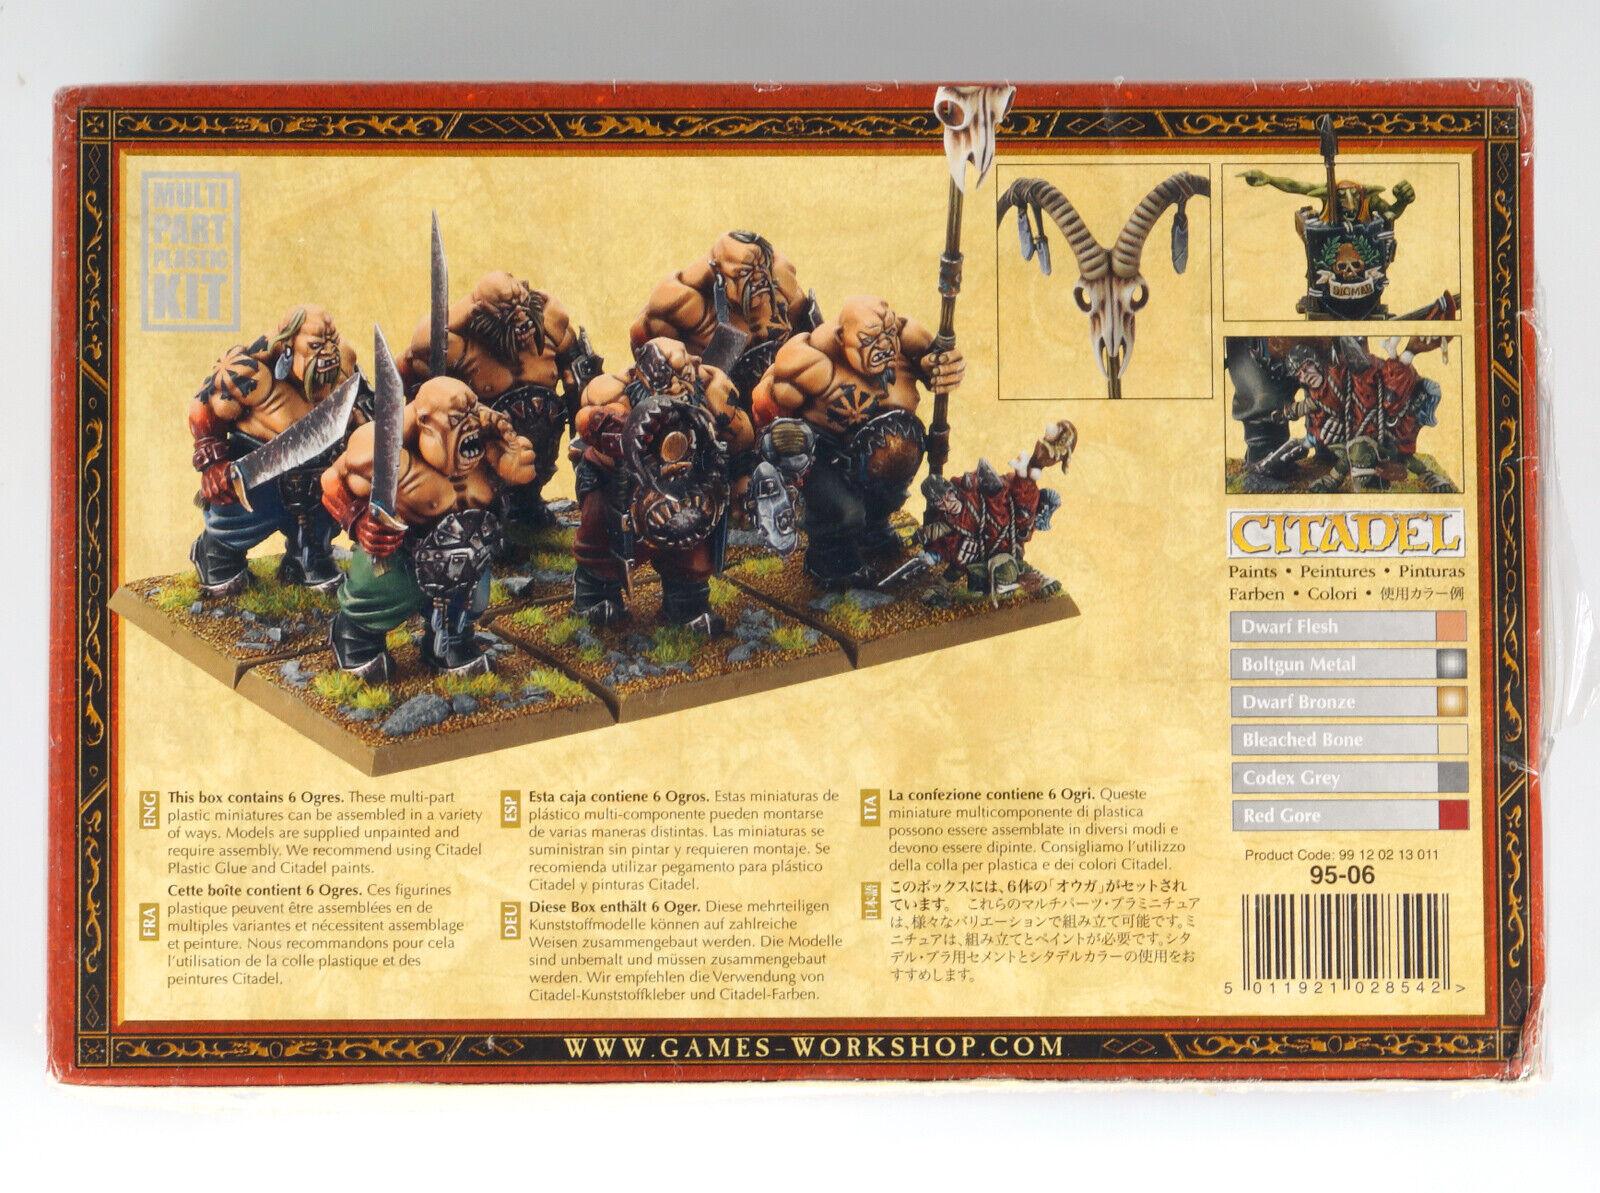 GAMES WORKSHOP 95-06 KIT KIT KIT OGRES OGROS OGER OGRI WARHAMMER FANTASY e3d923